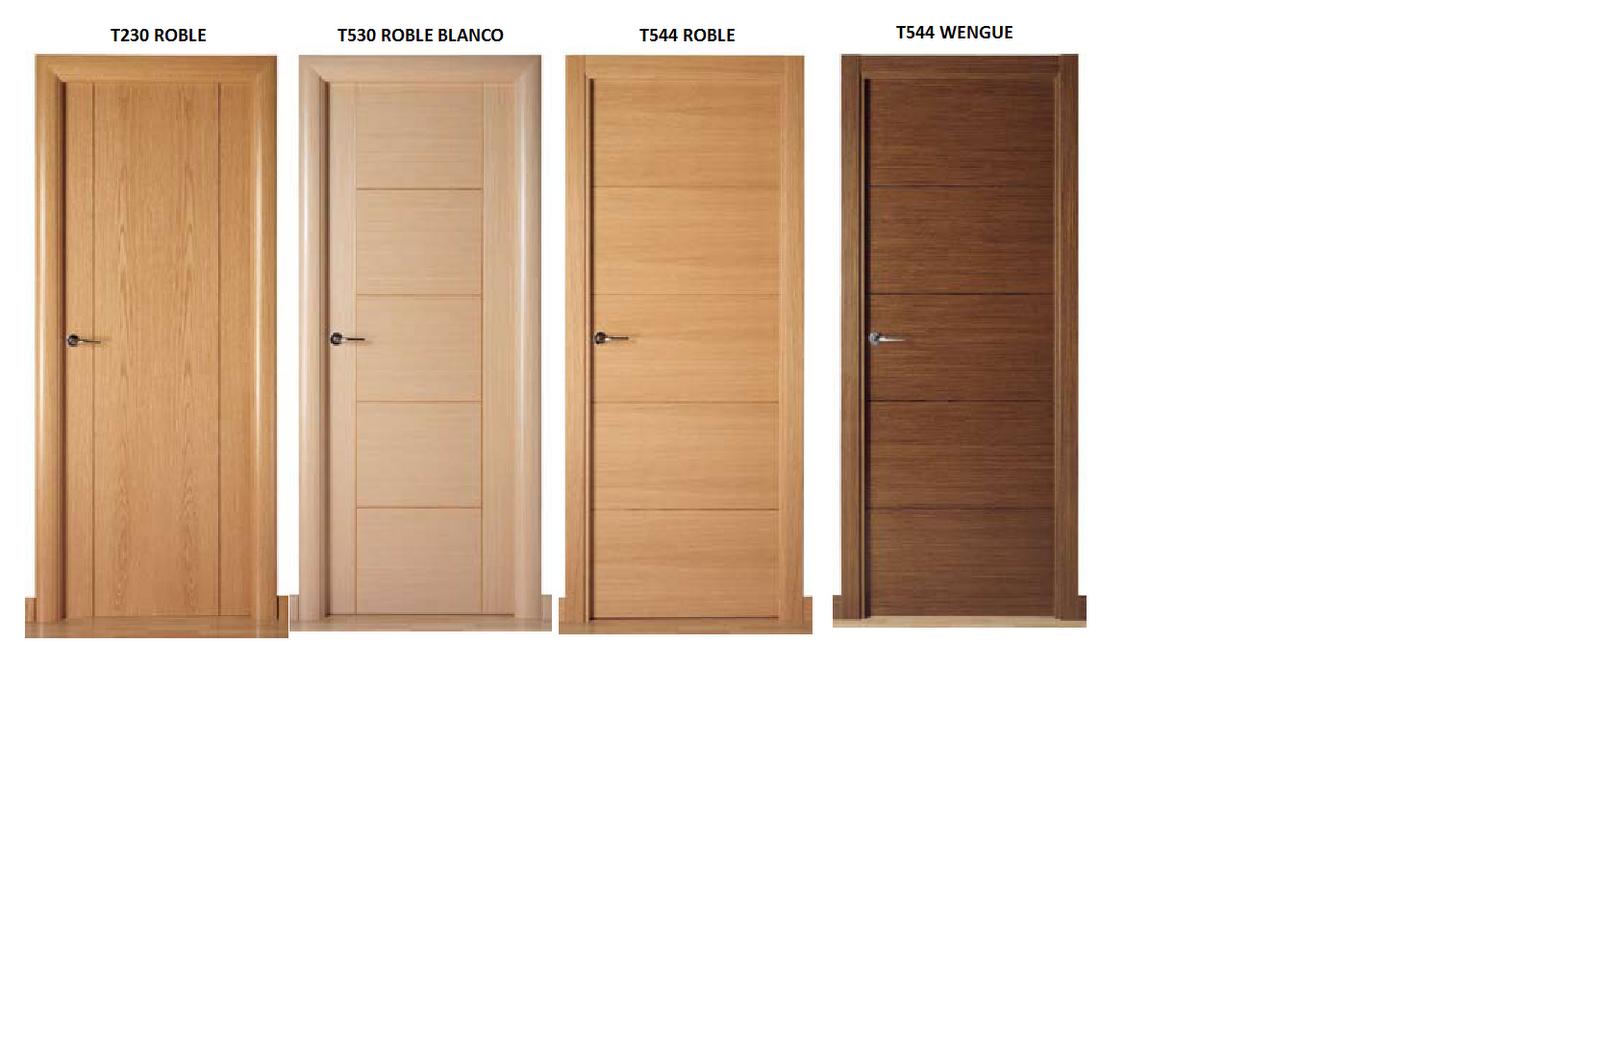 Puertas de exterior e interior puertas interior l nea moderna - Puertas de madera interior ...